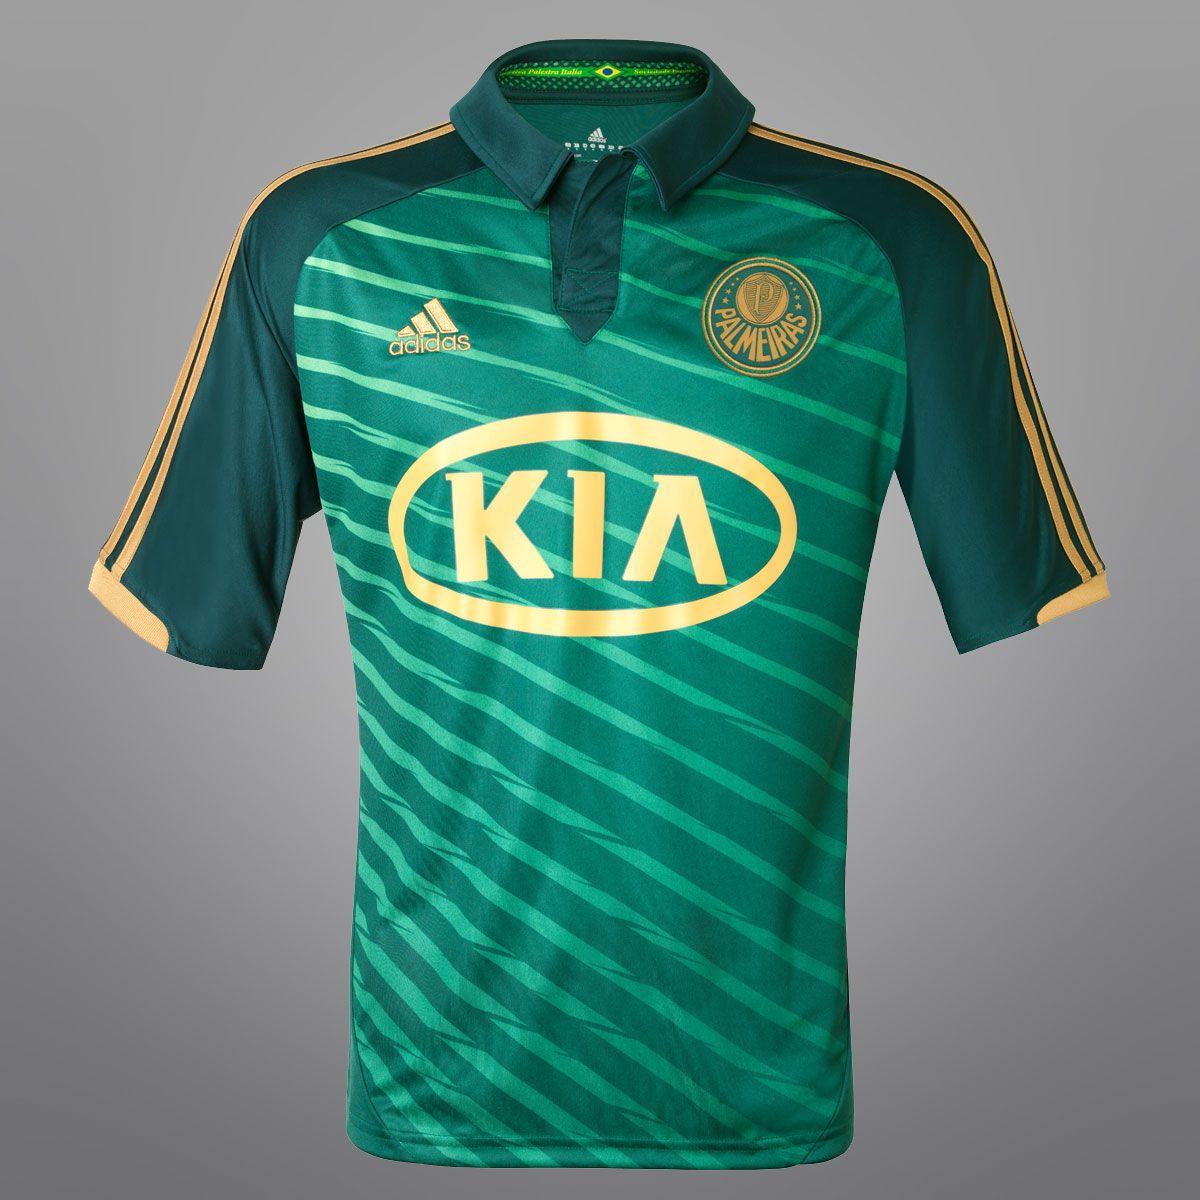 10 piores terceiras camisas do futebol brasileiro - Esporte - UOL ... bad1aa743f1a2